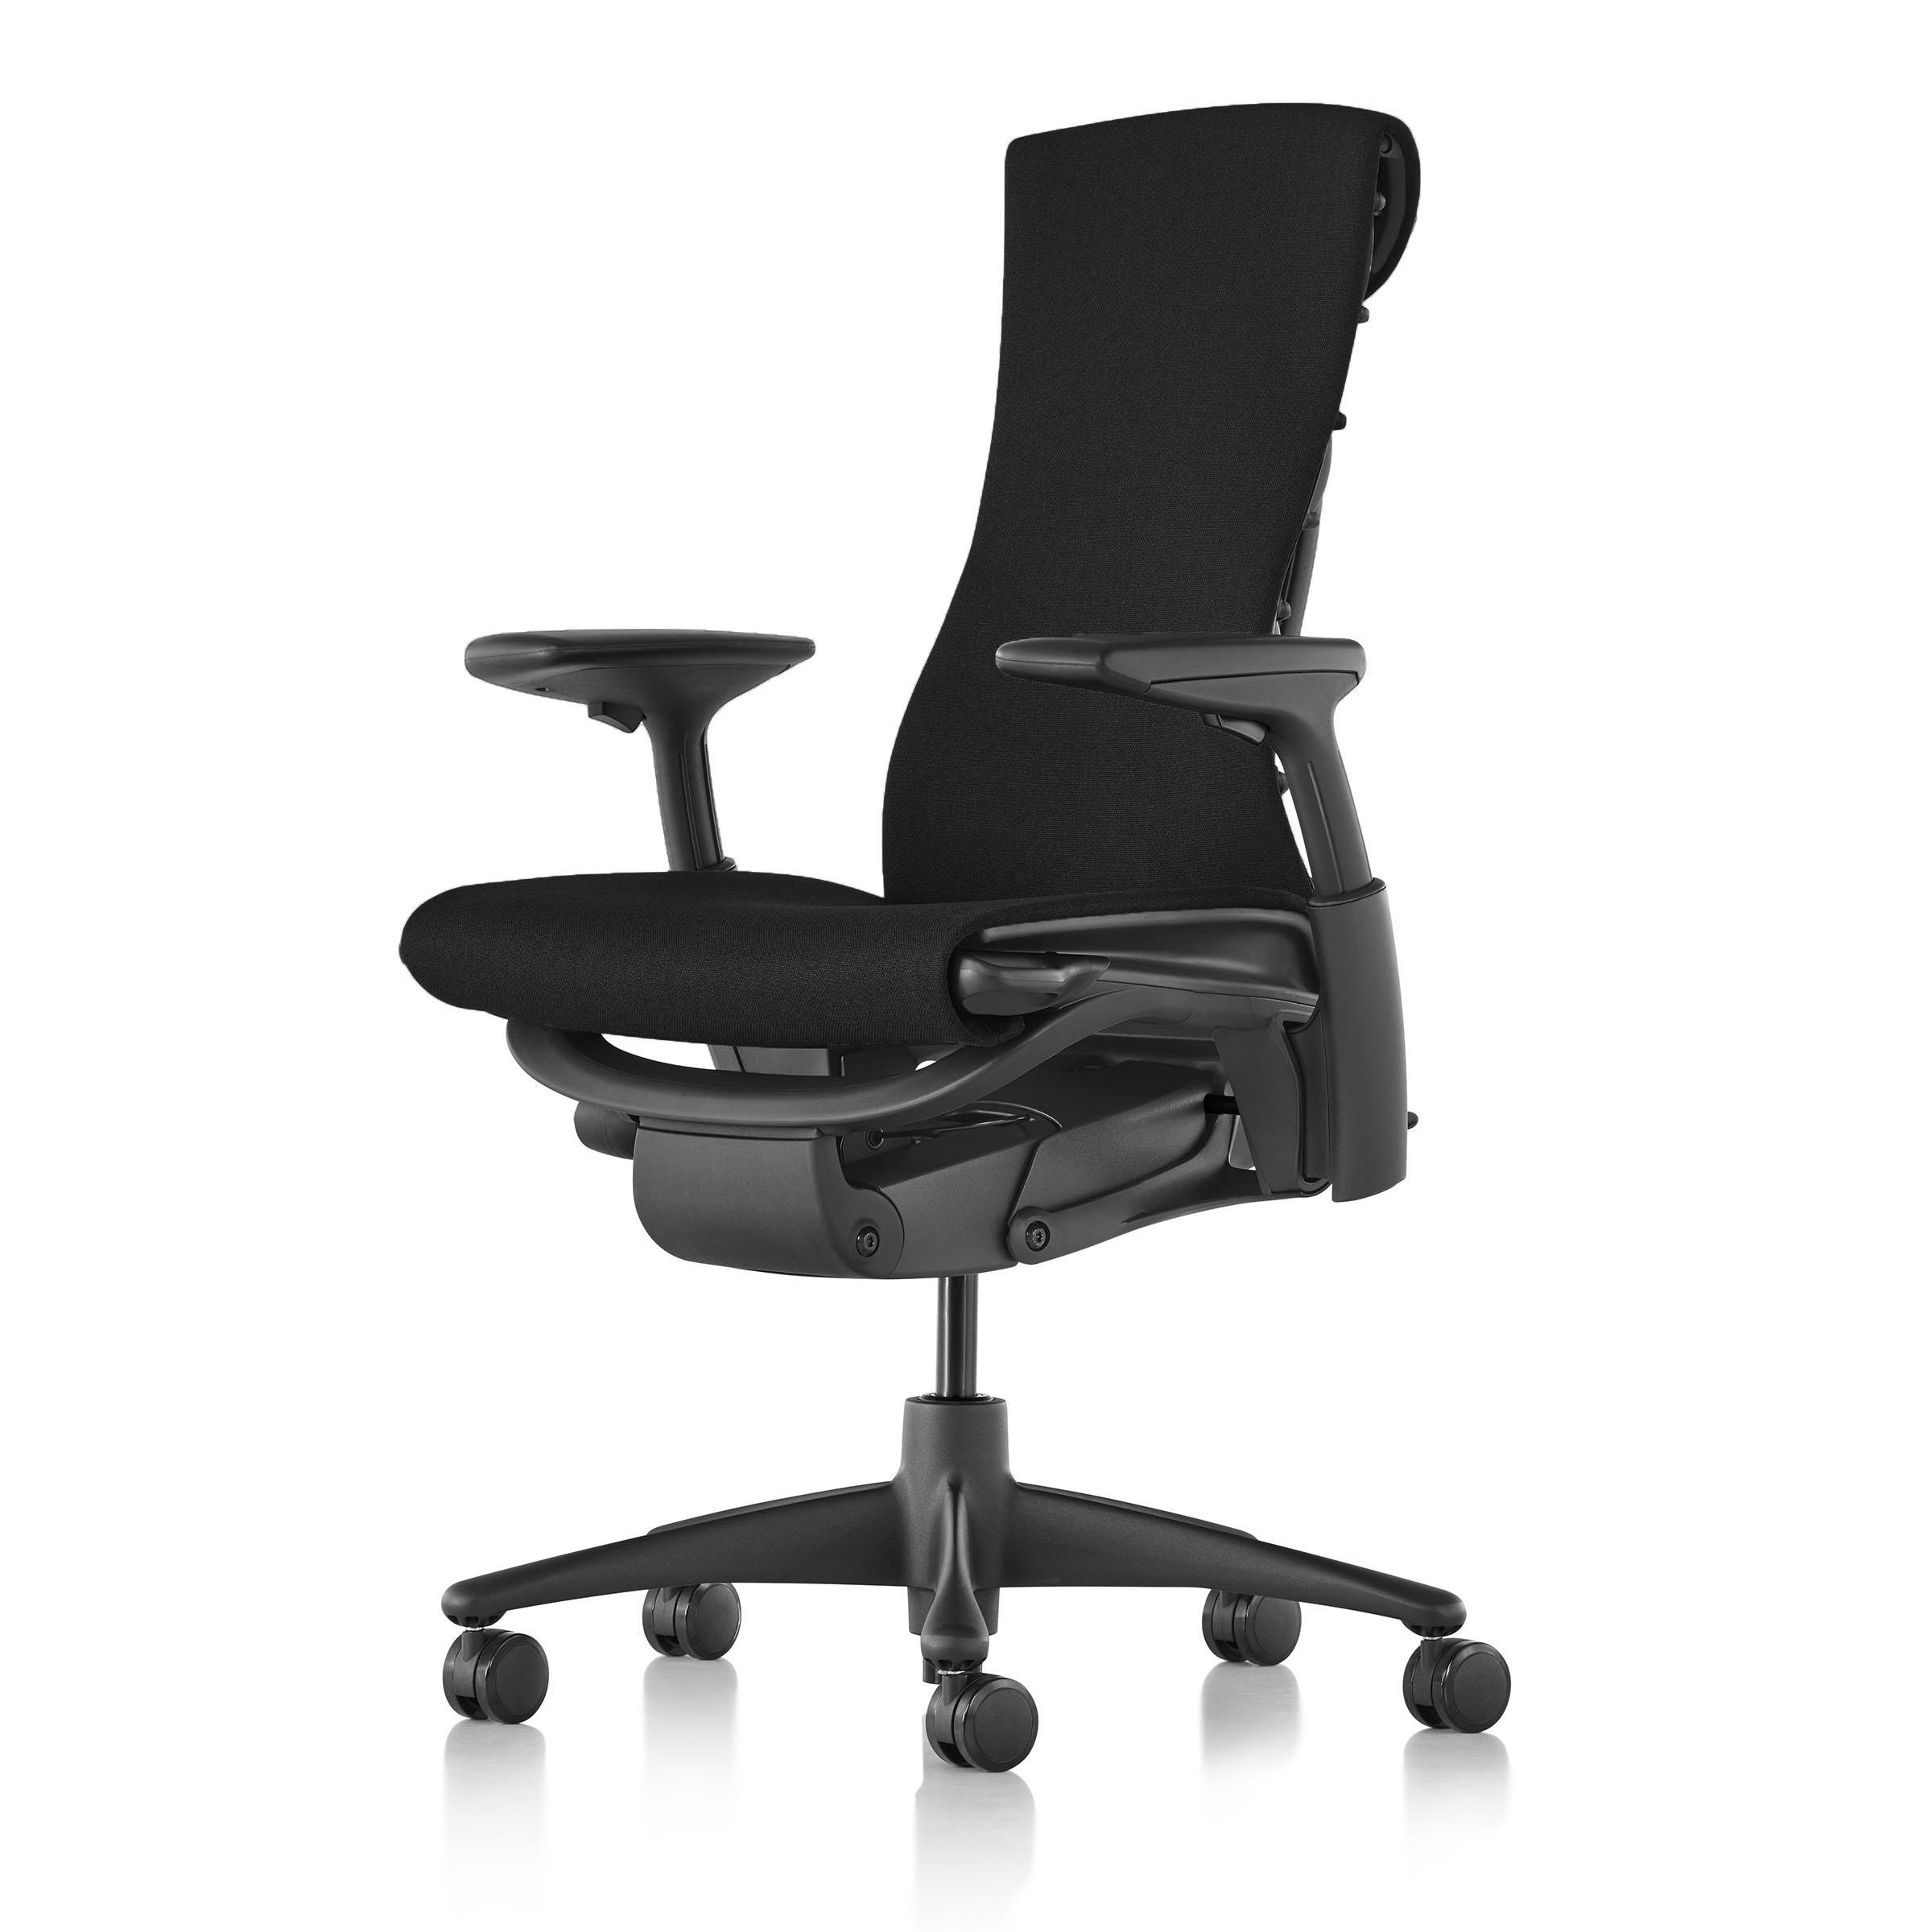 【在庫あり】【ハーマンミラー正規販売店】エンボディチェア Embody Chair  グラファイトカラーベース シンク生地ブラック 国内定番仕様